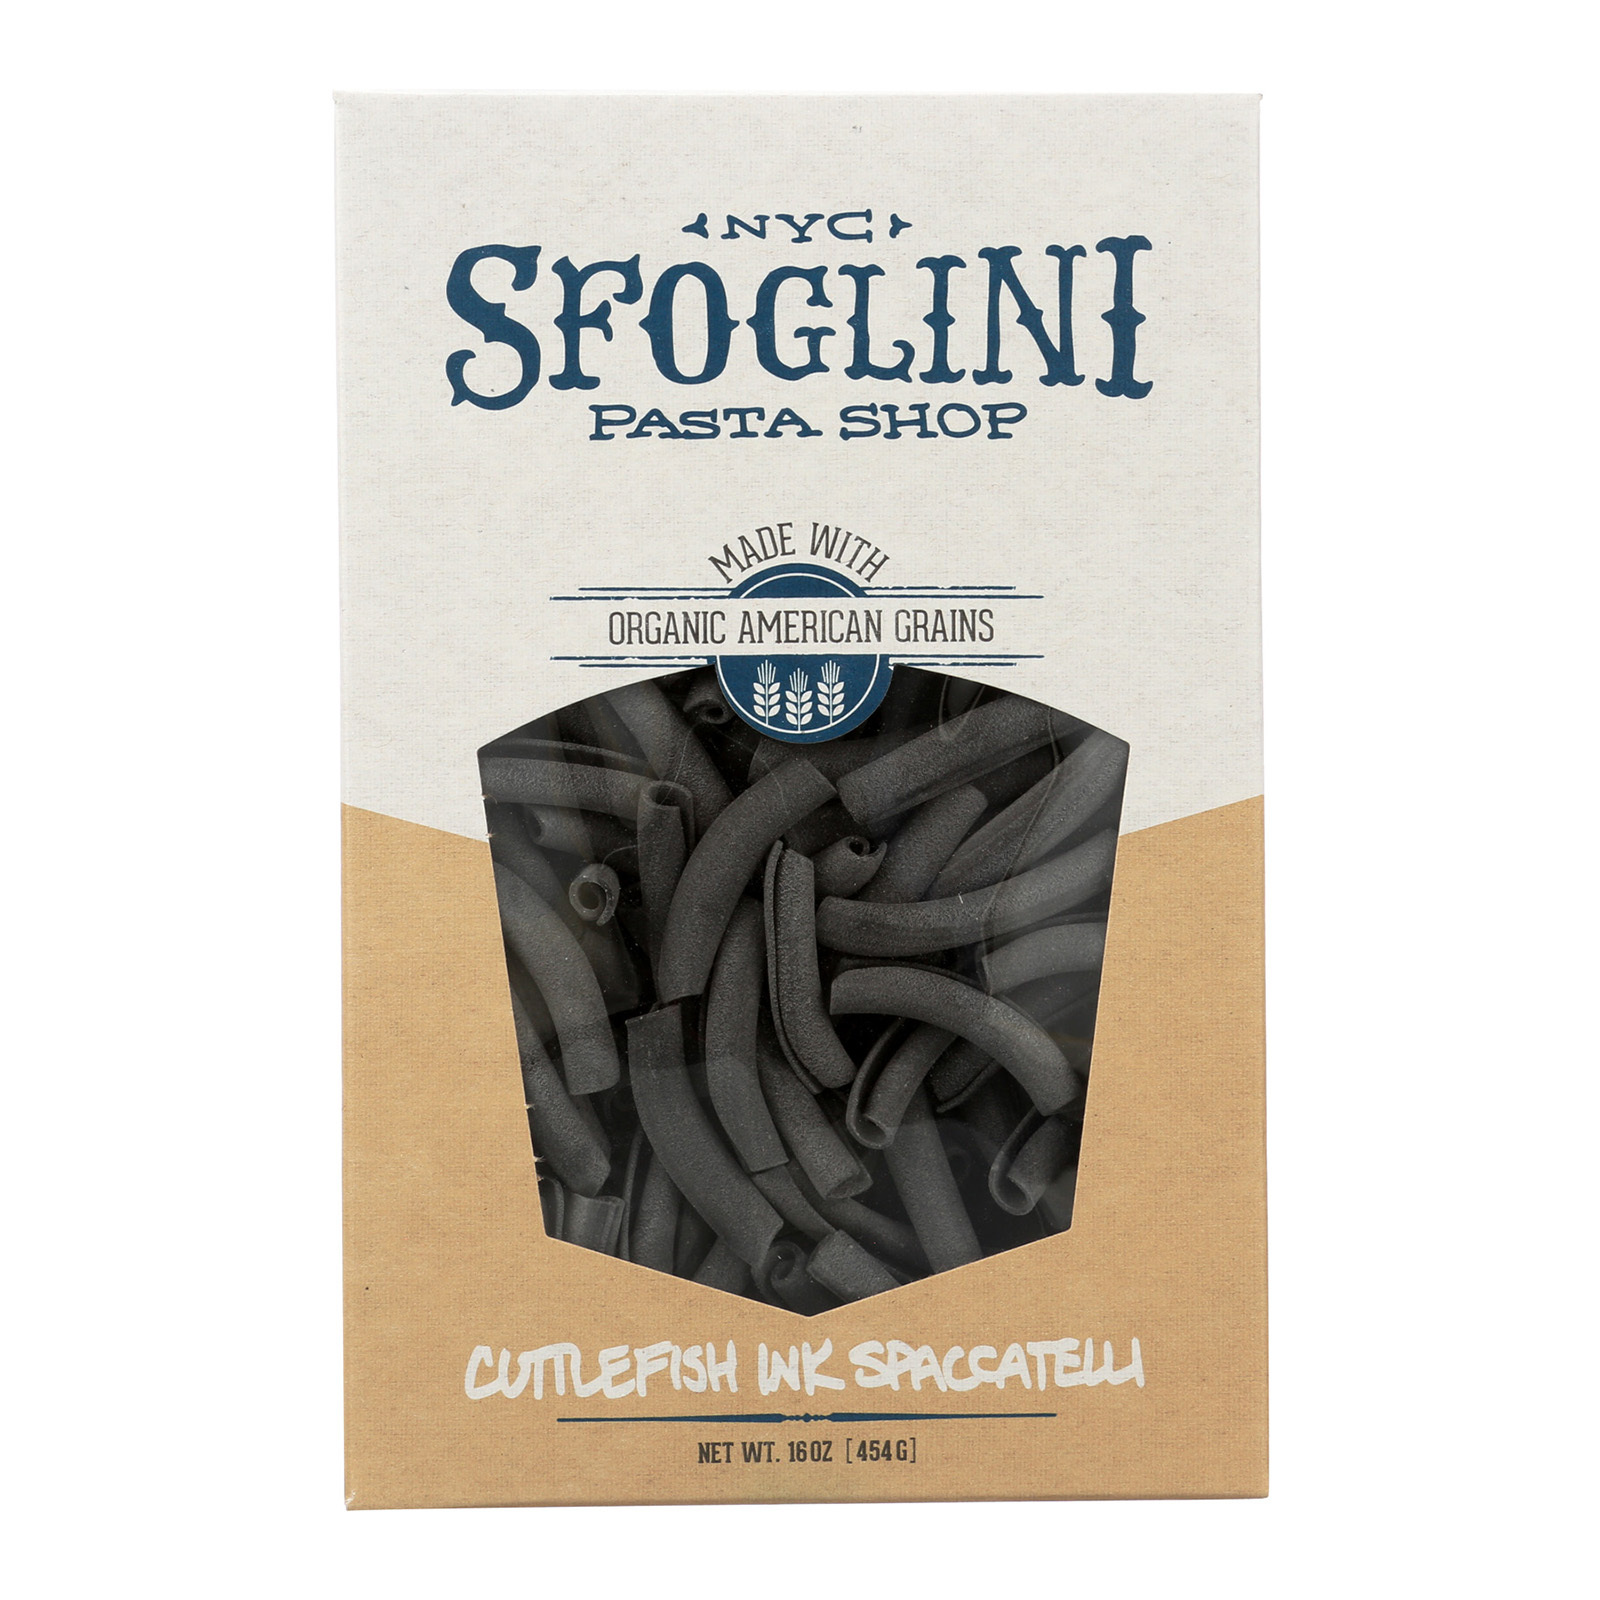 Sfoglini Cuttlefish Ink Spaccatelli - Case of 6 - 16 oz.